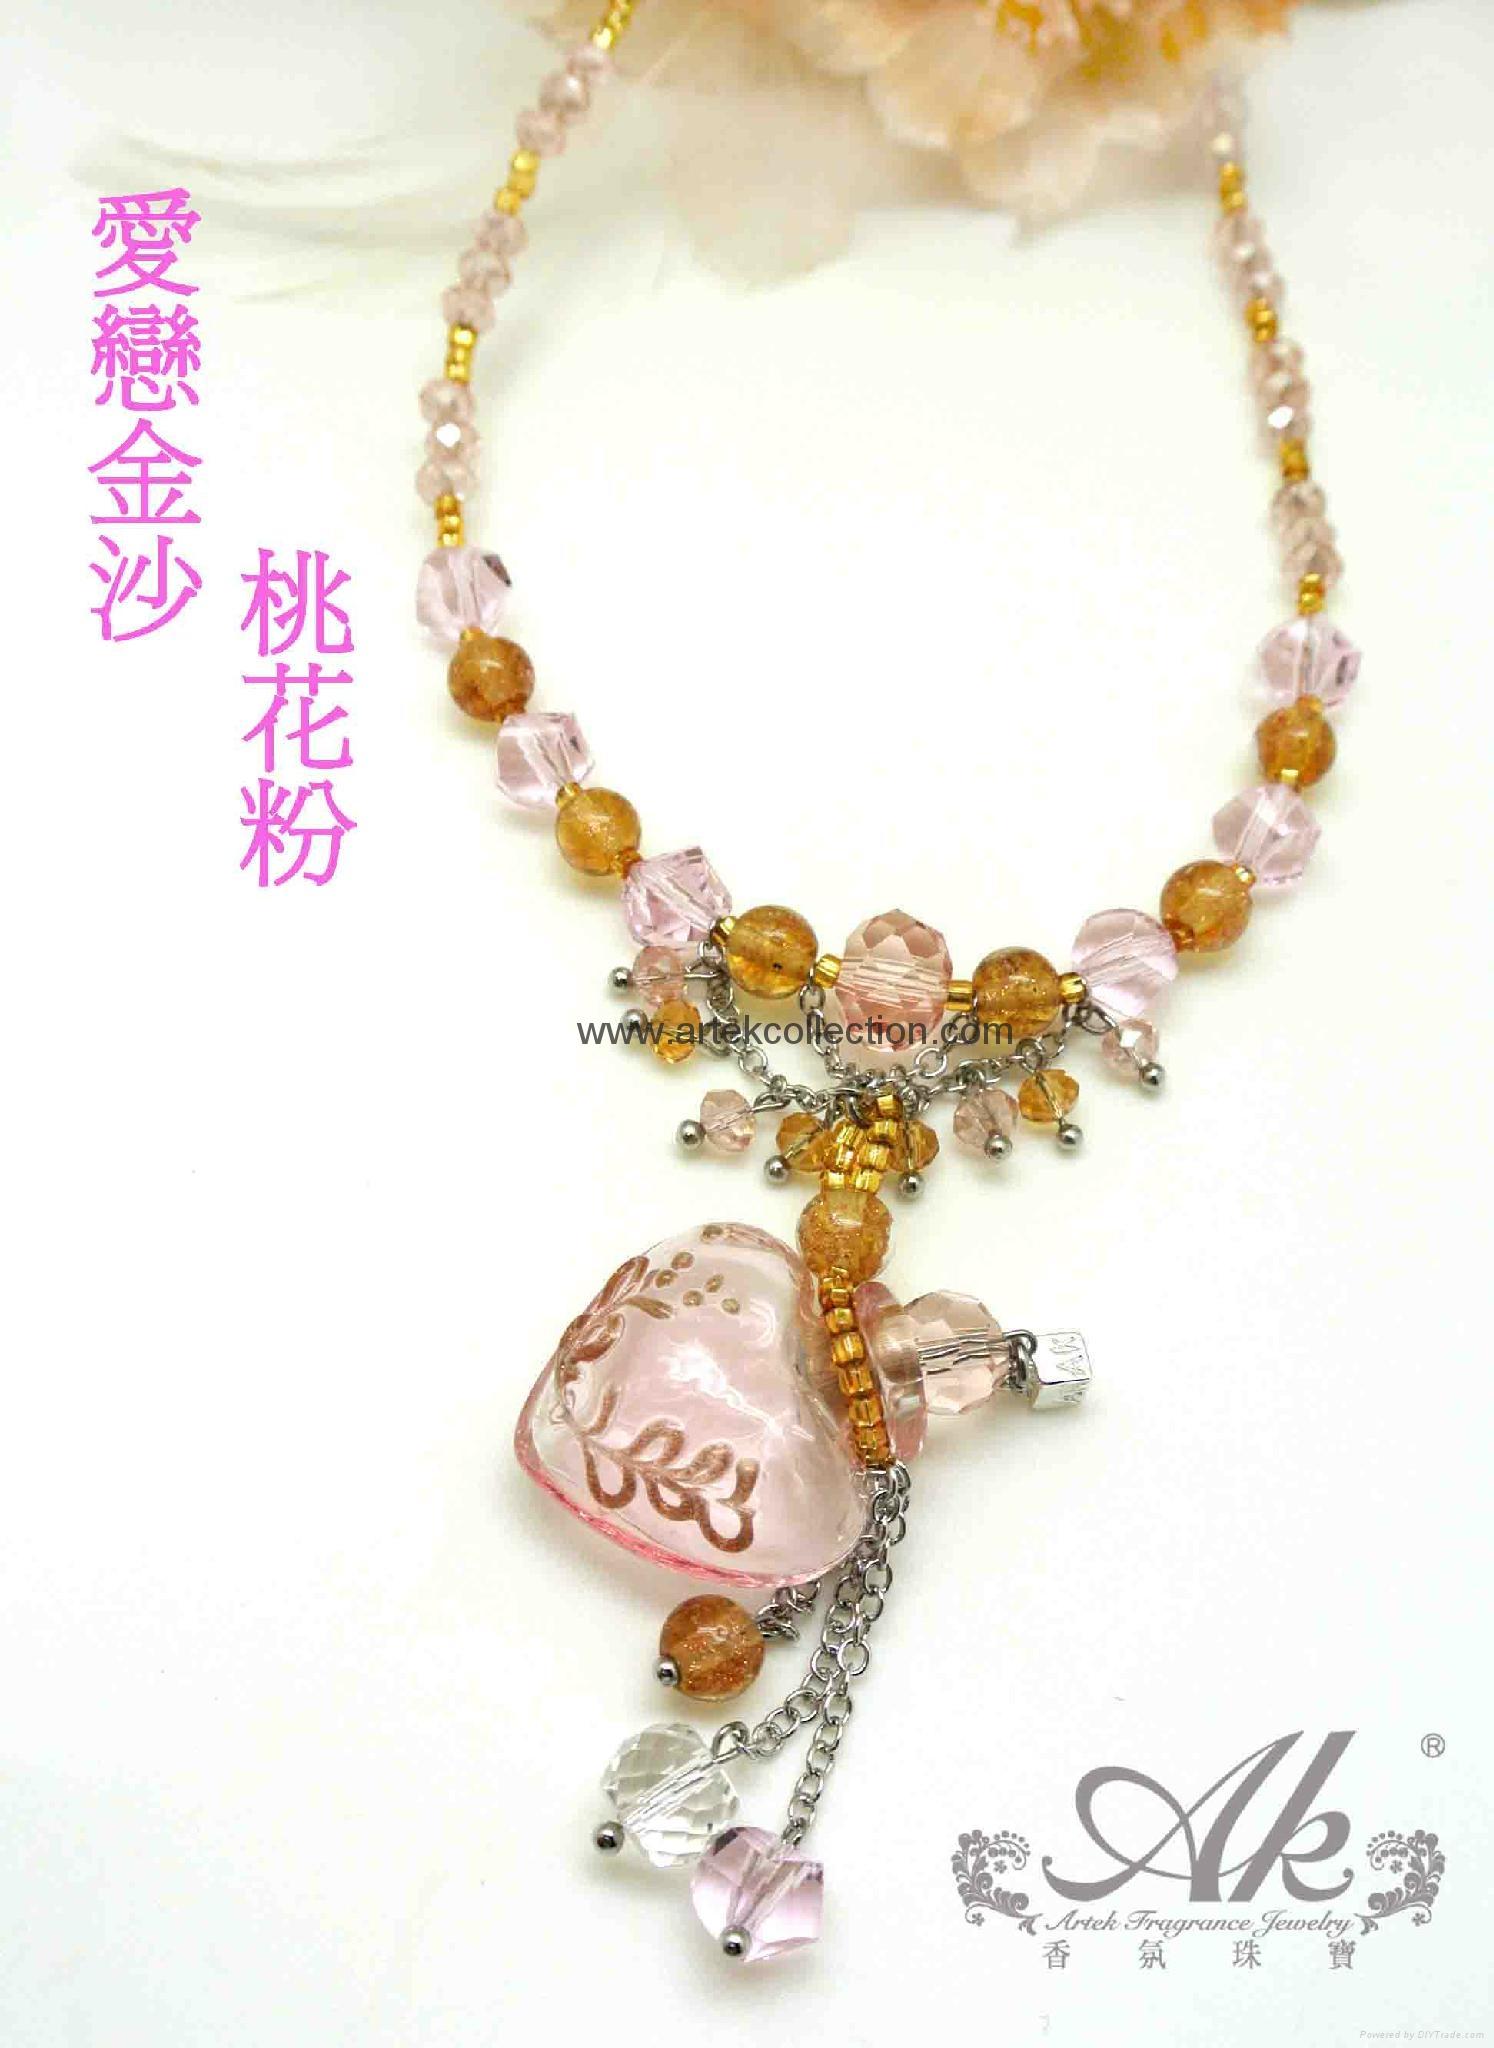 AN-836 爱恋金沙 4